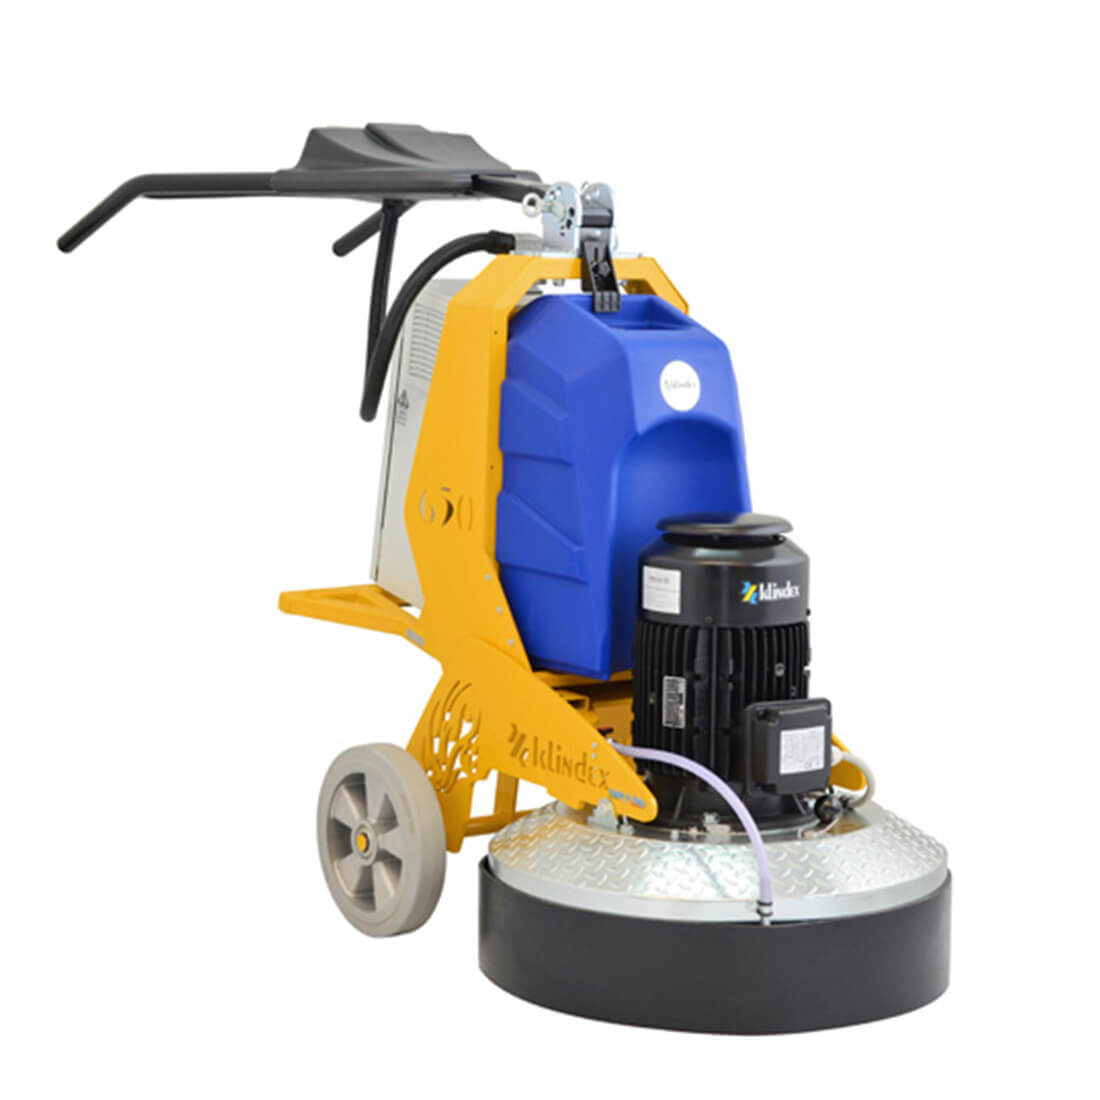 Alquiler de pulidora de pavimentos diam 600mm 5 5hp 400v maquinas y maquinas alquiler de - Maquina pulidora suelos ...